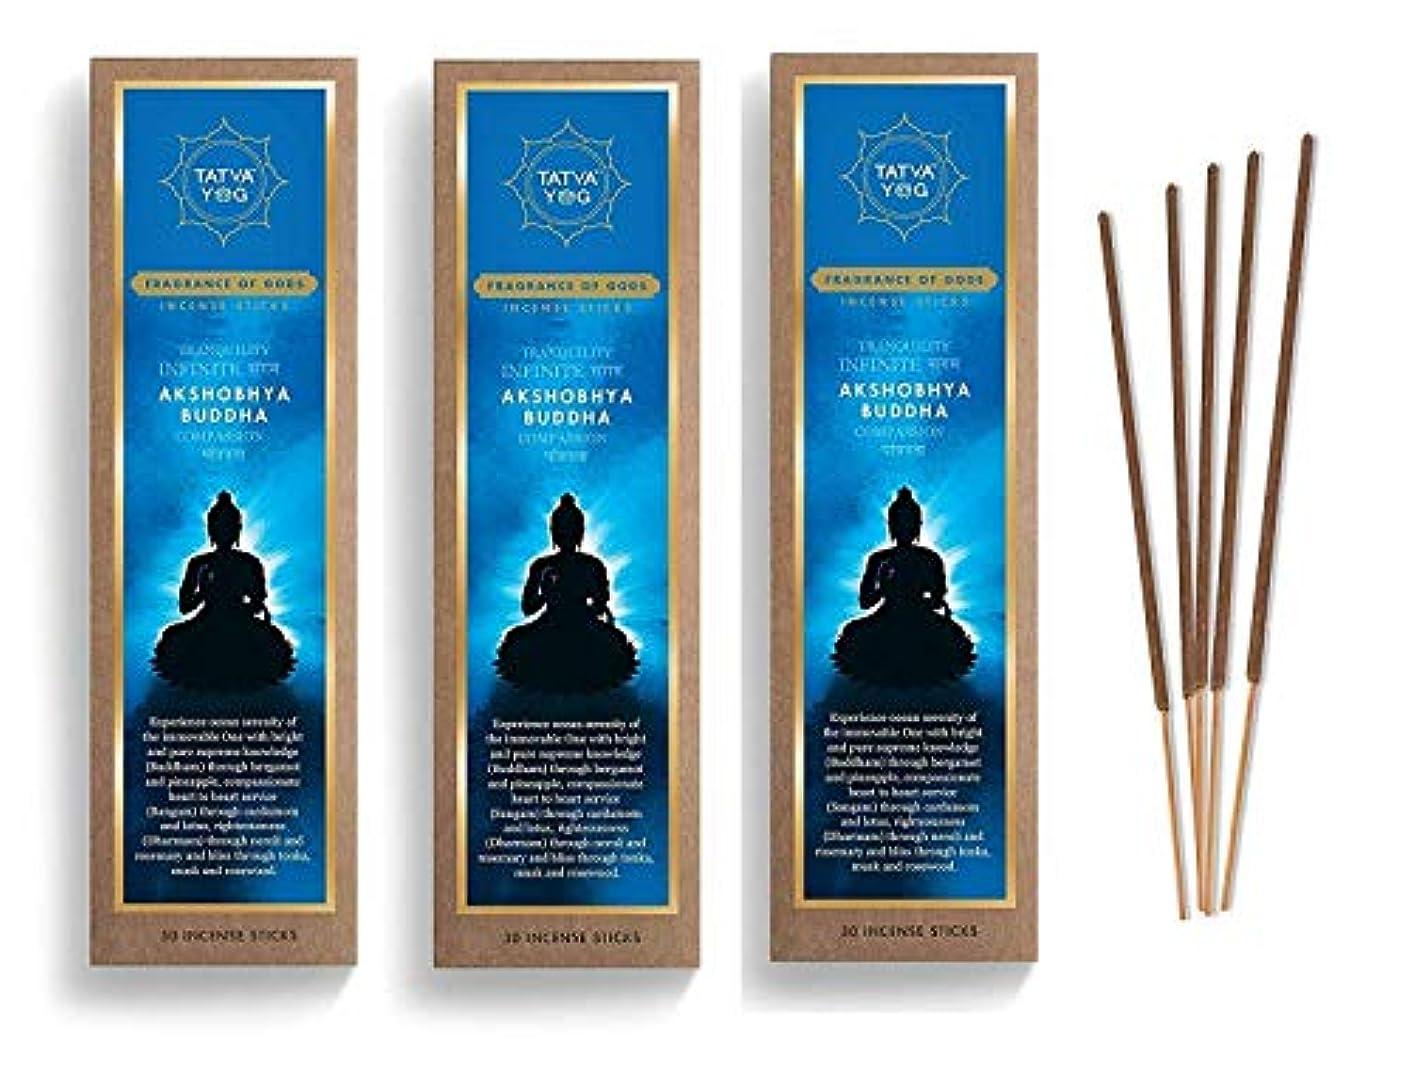 夕方デコラティブ含むAkshobhya Buddha Long Lasting Incense Sticks for Daily Pooja|Festive|Home|Scented Natural Agarbatti for Positive Energy|Good Health & Wealth (Pack of 3 | 30 Sticks Per Pack)